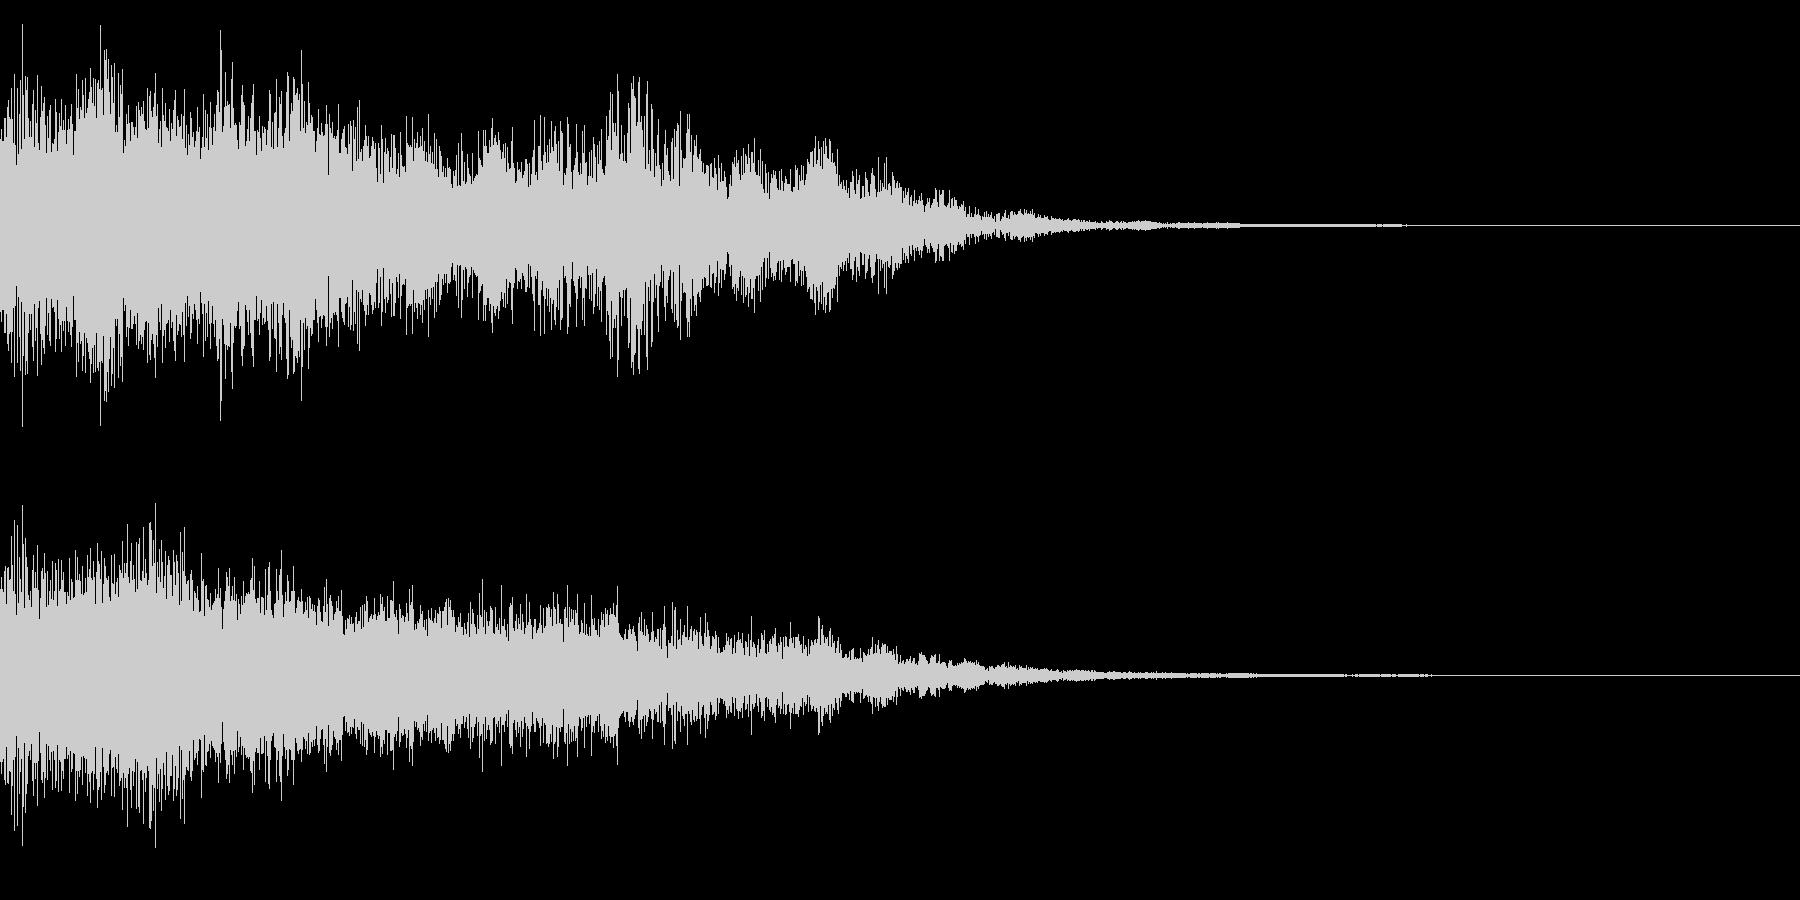 効果音 グォーン‼︎ 山神登場‼︎の未再生の波形